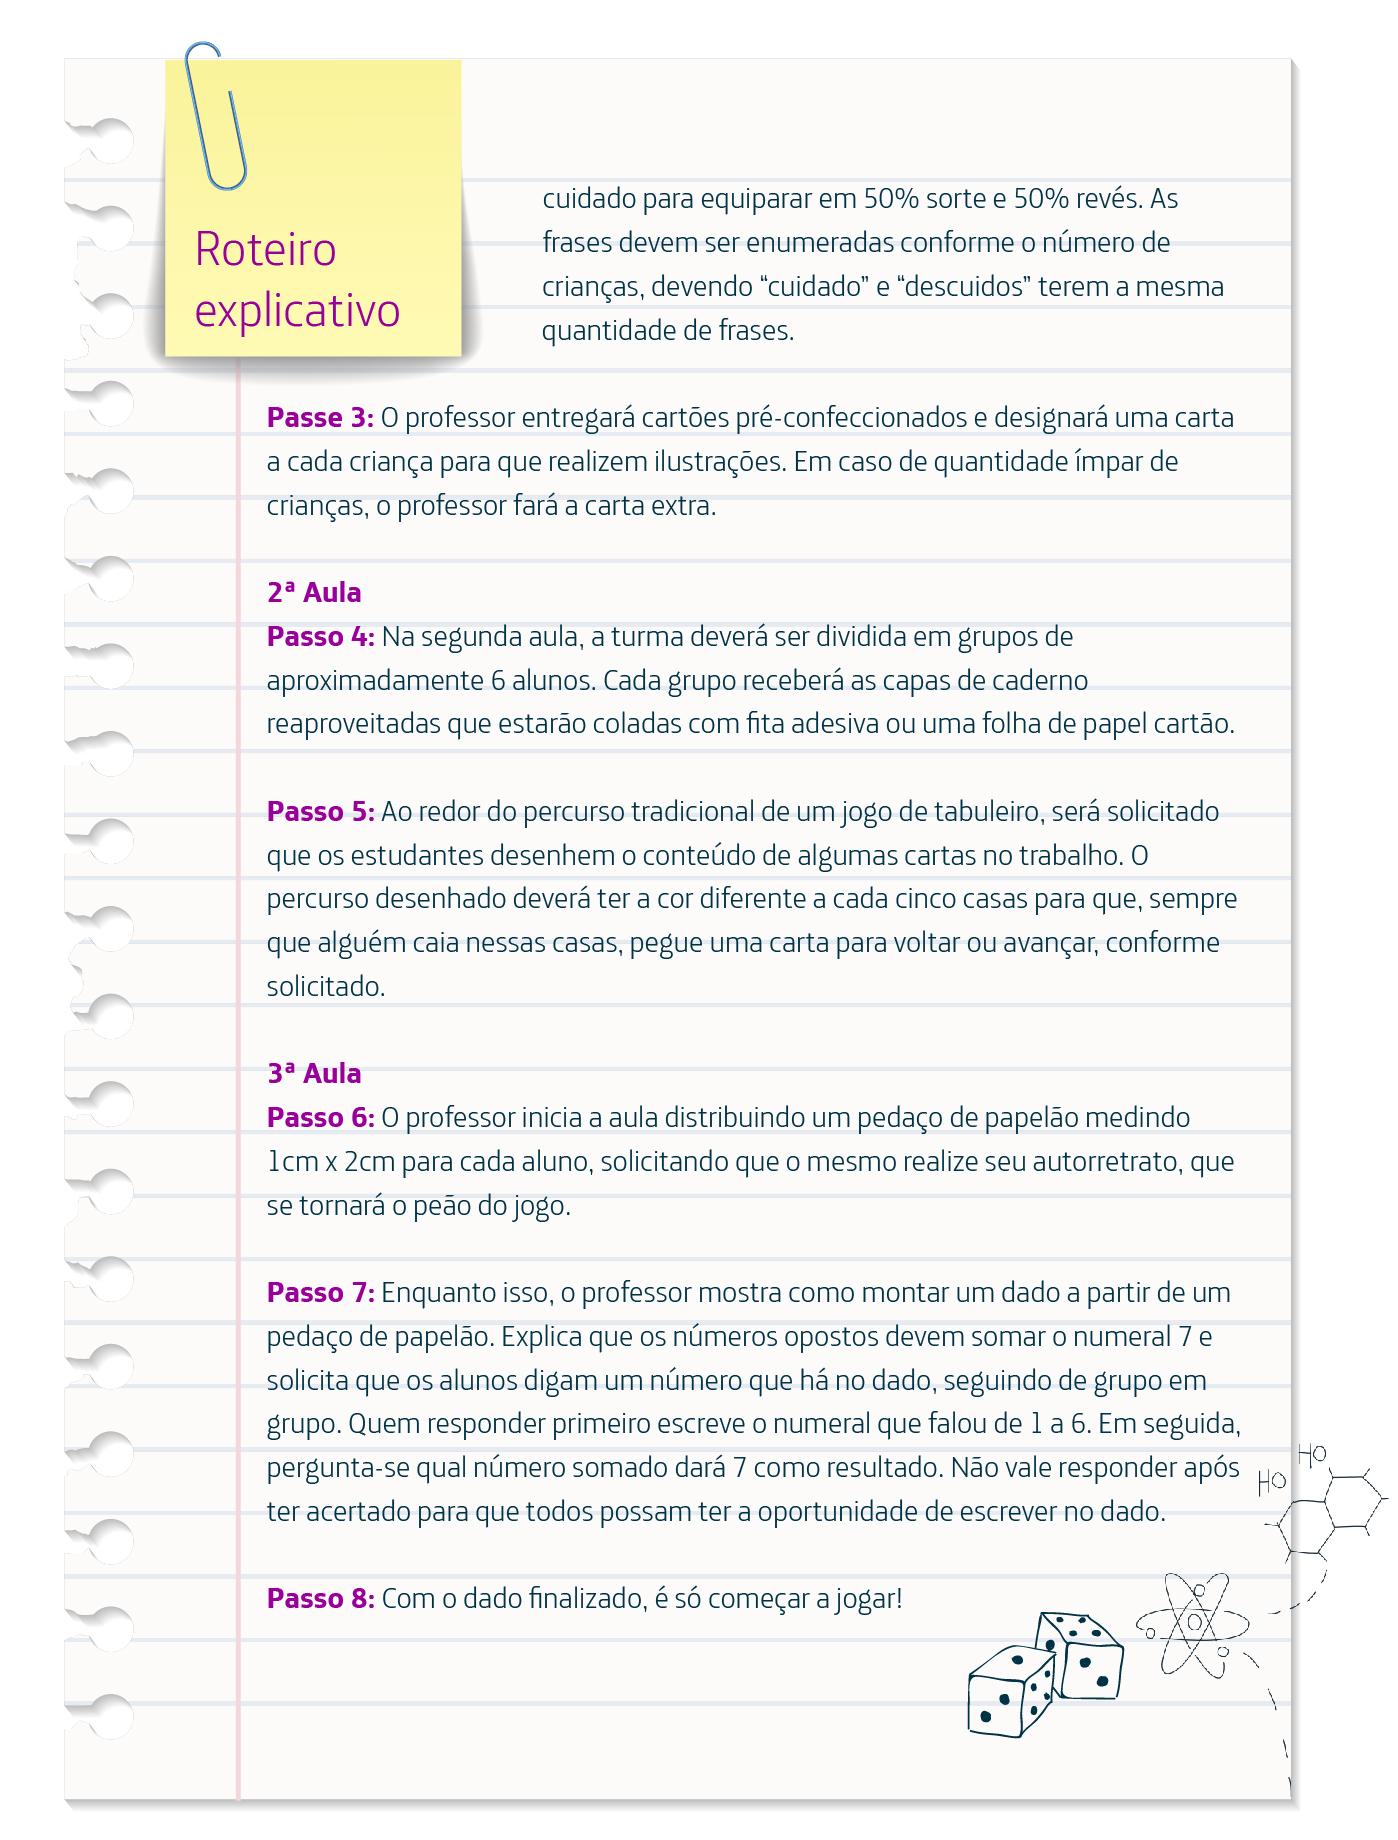 Infográfico traz passo a passo de como implementar o Jogo da Horta, que mistura arte e educação ambiental, e traz detalhes em roxo e desenhos como o de dois dados.